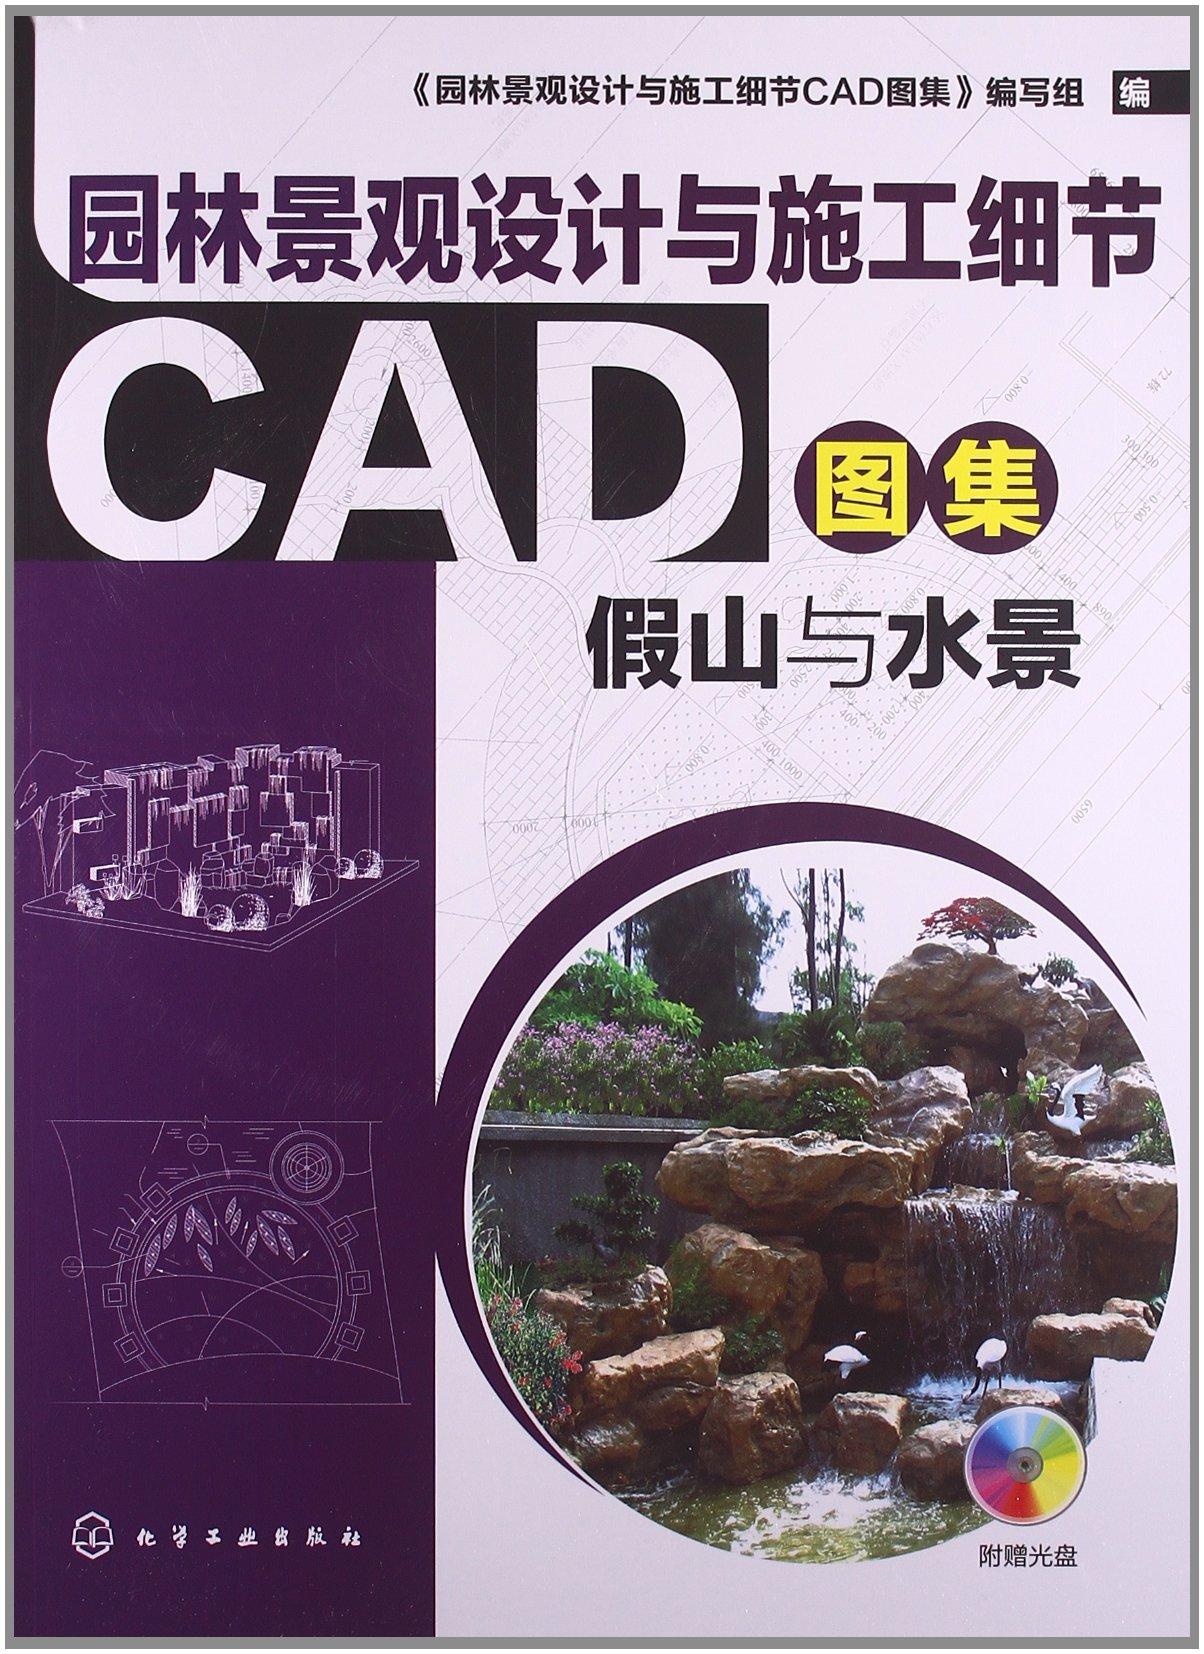 园林景观施工与设计假山CAD图集:水景与细节cad表面积求立体图图片